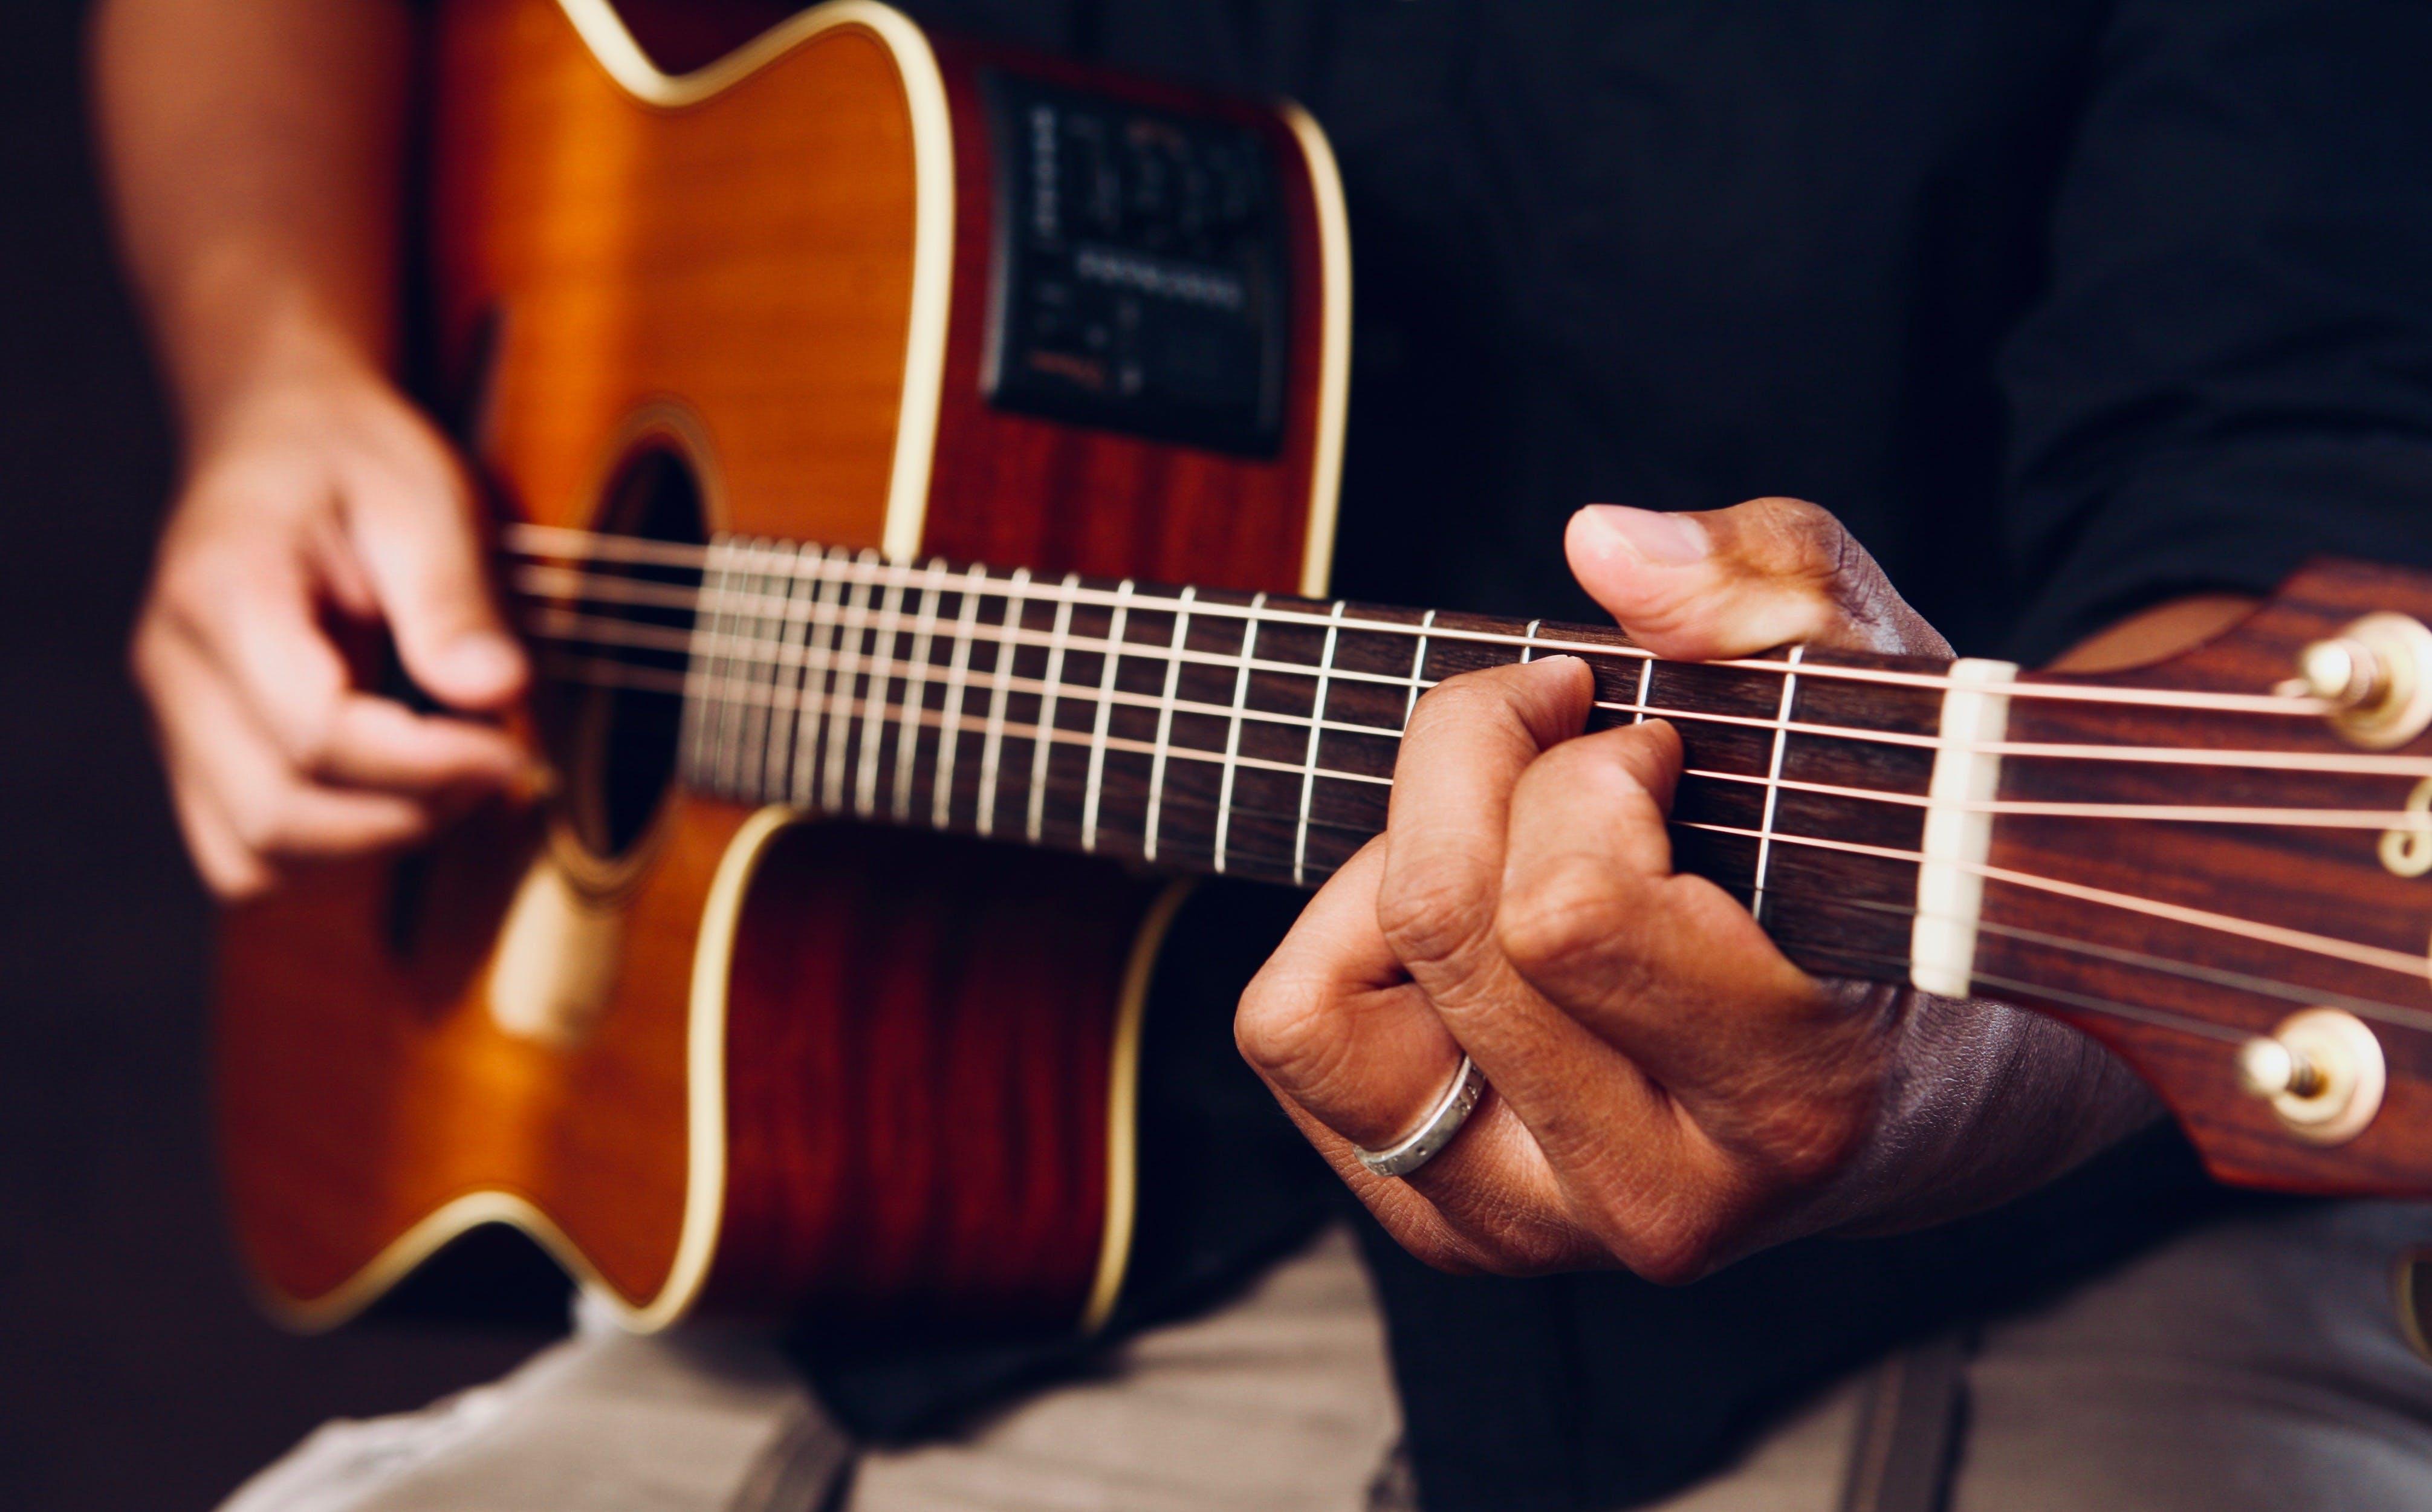 S'initier aux bases de la guitare classique ou électrique